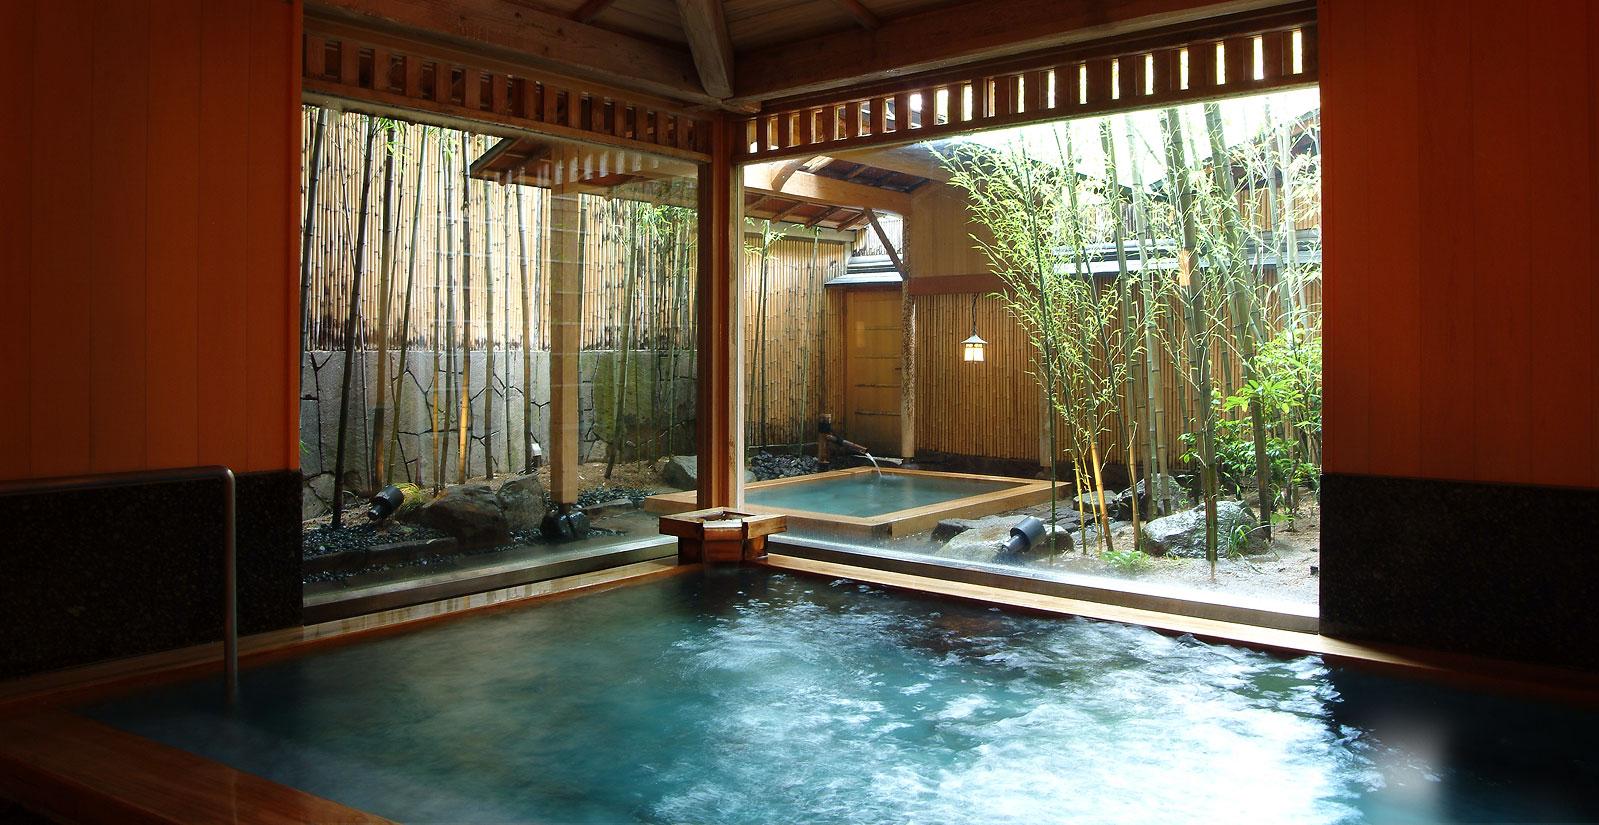 兵庫 城崎温泉 西村屋本館 大浴場の写真